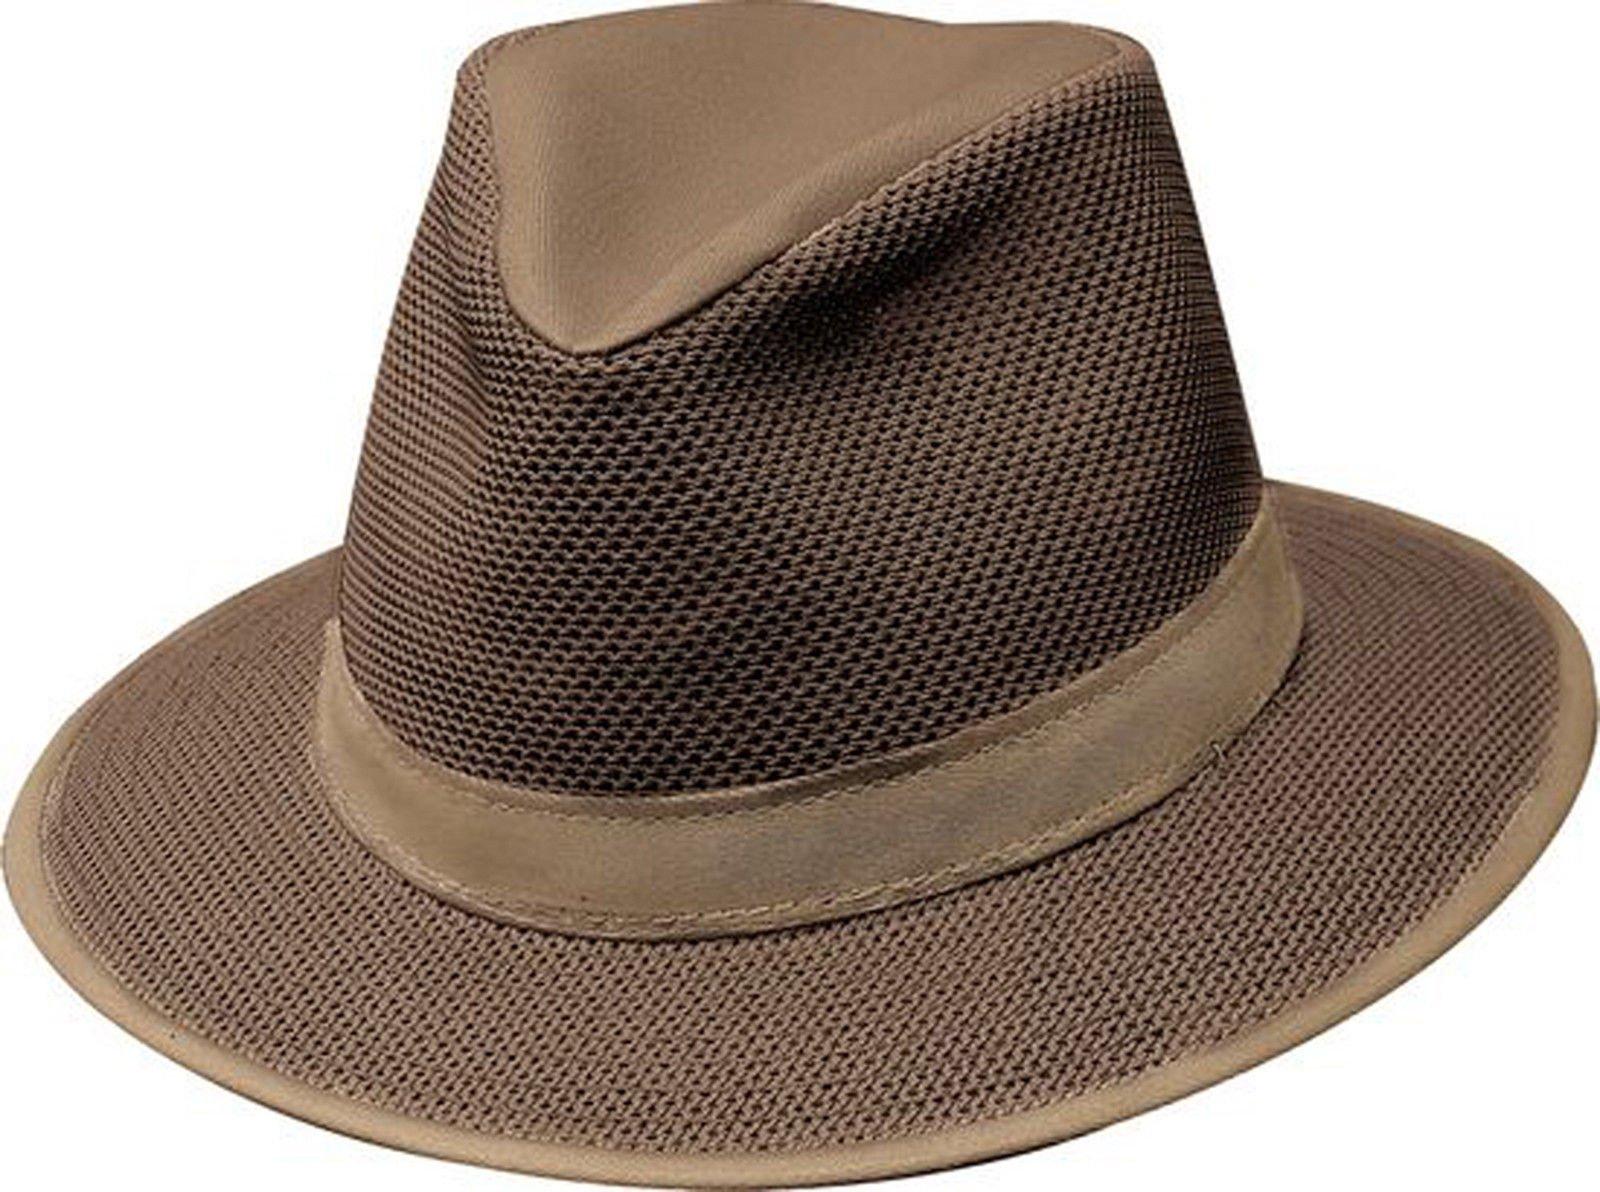 Henschel Men's Safari Hat,Earth,2XL US